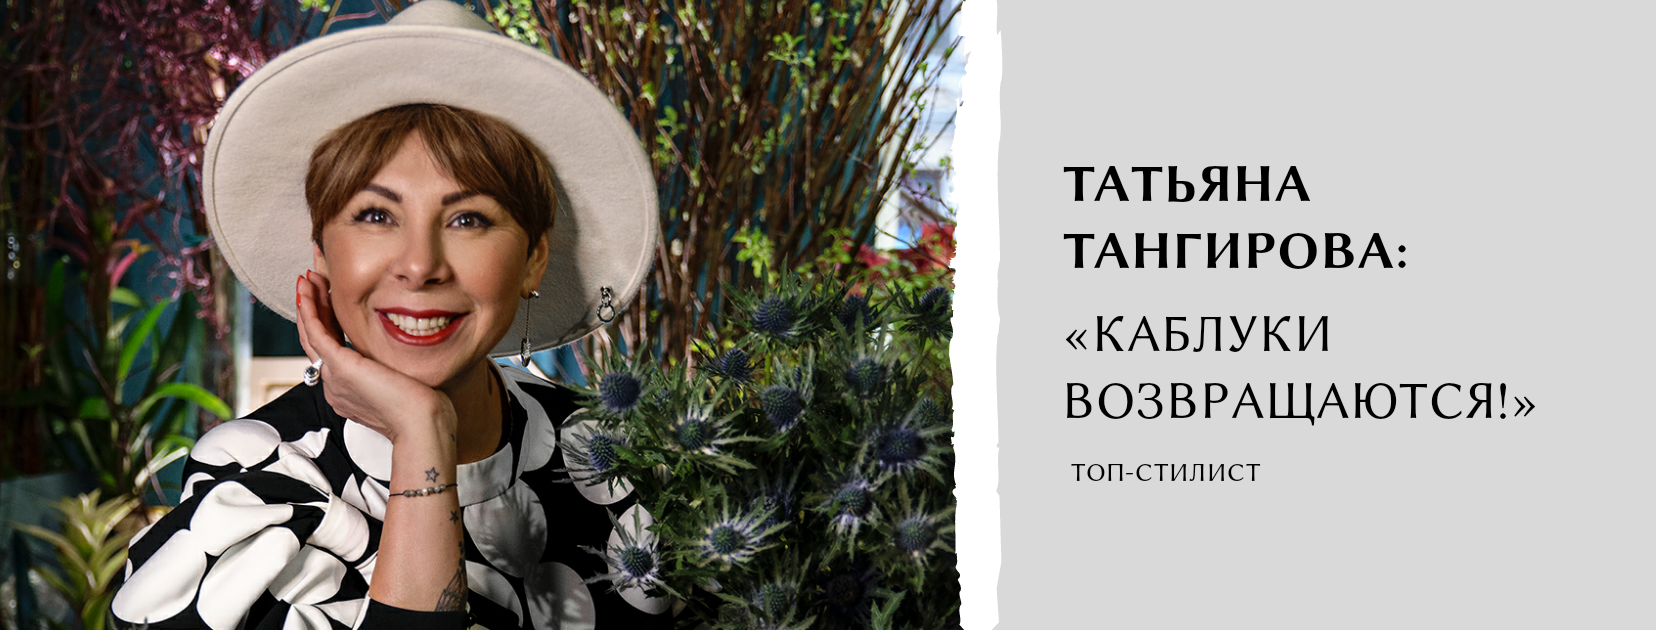 Топ-стилист Татьяна Тангирова: «Каблуки возвращаются!» в ТК ЭКОПОЛИС premium